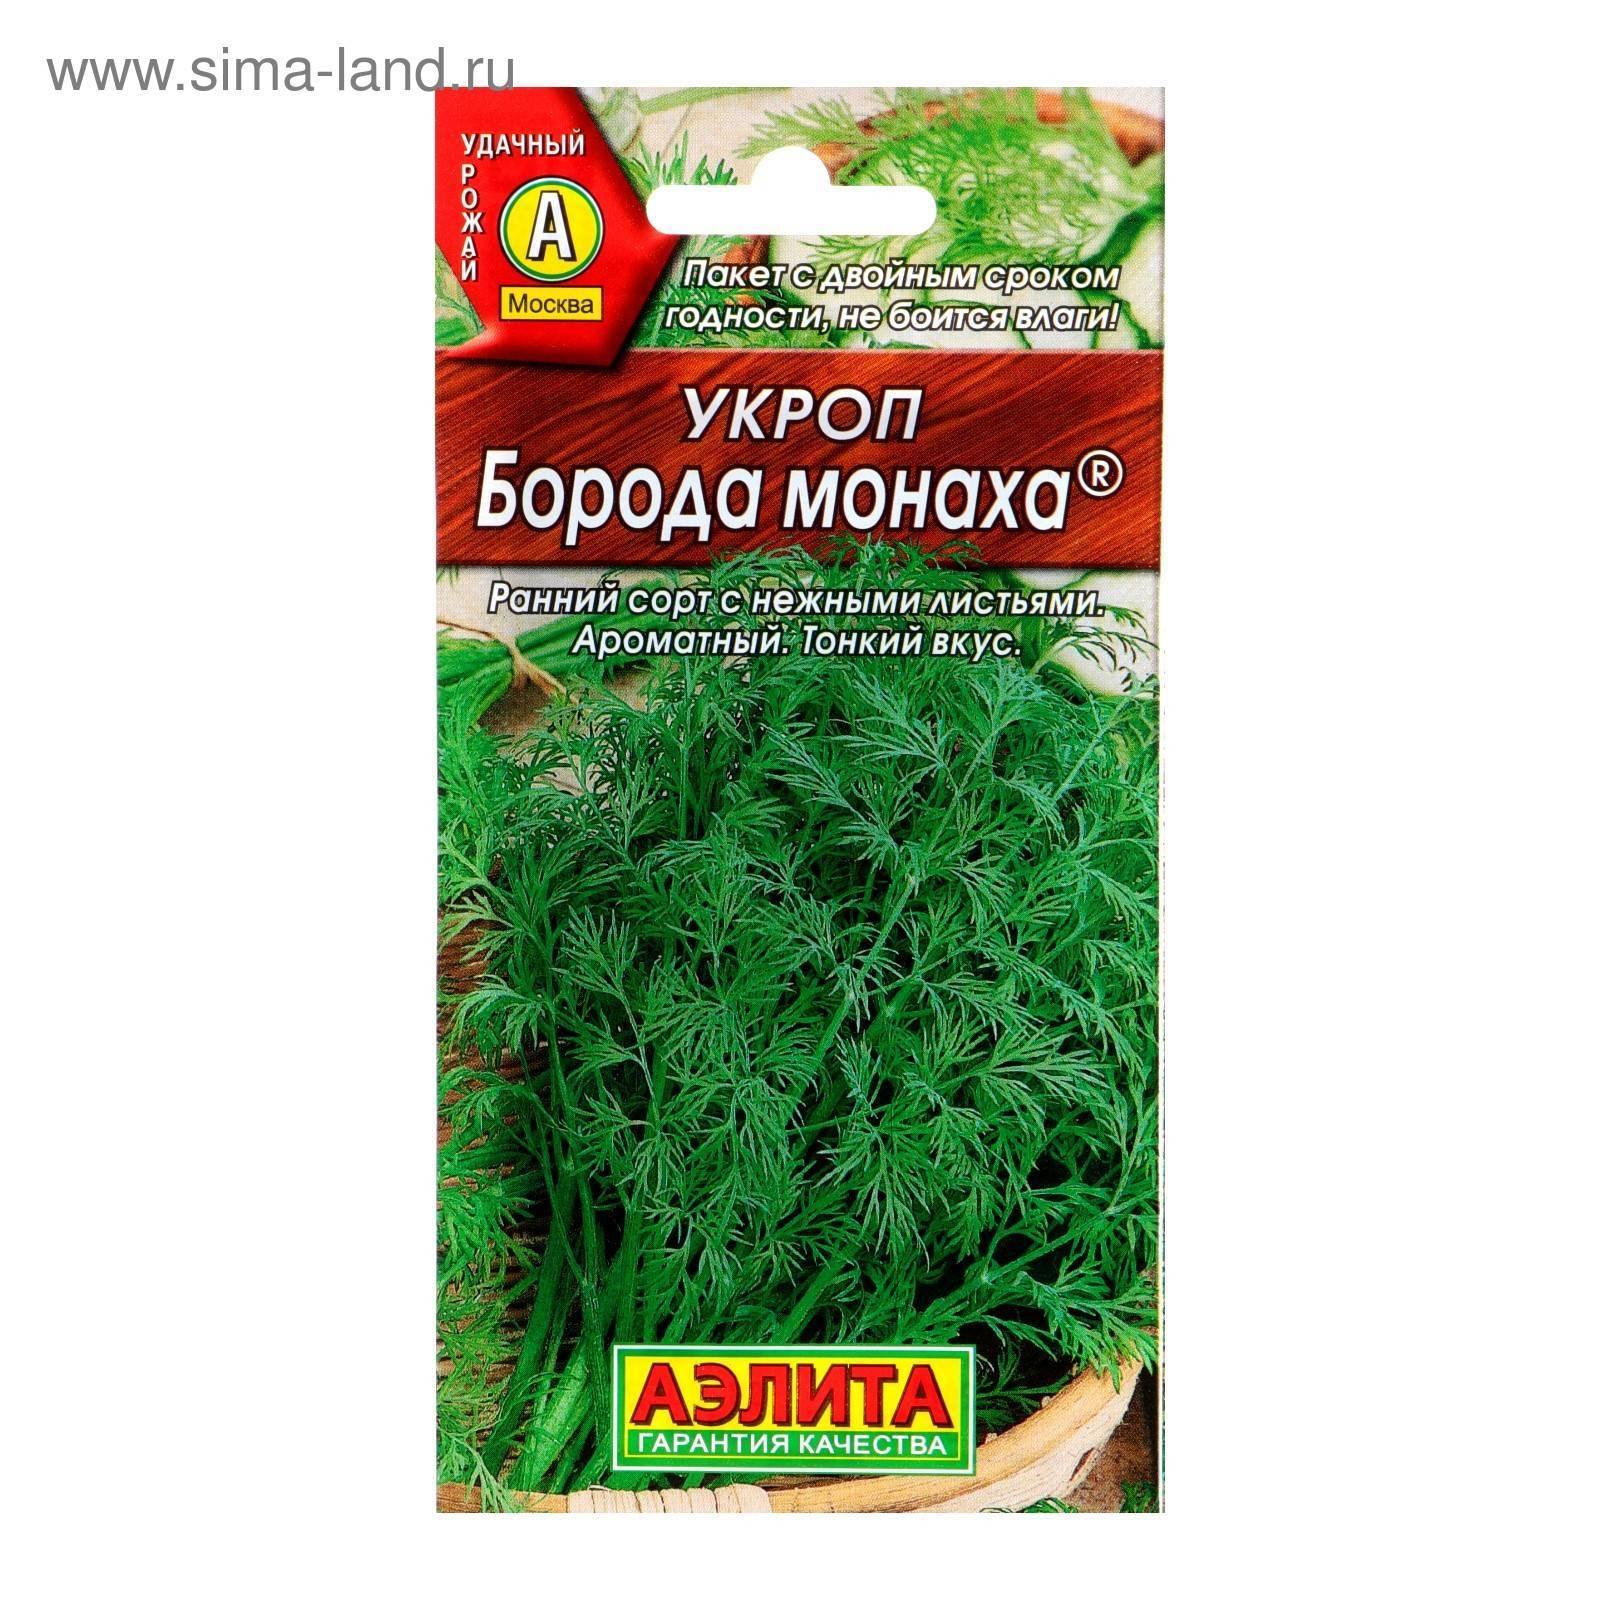 Описание лучших сортов (семян) укропа, для выращивания на зелень в открытом грунте